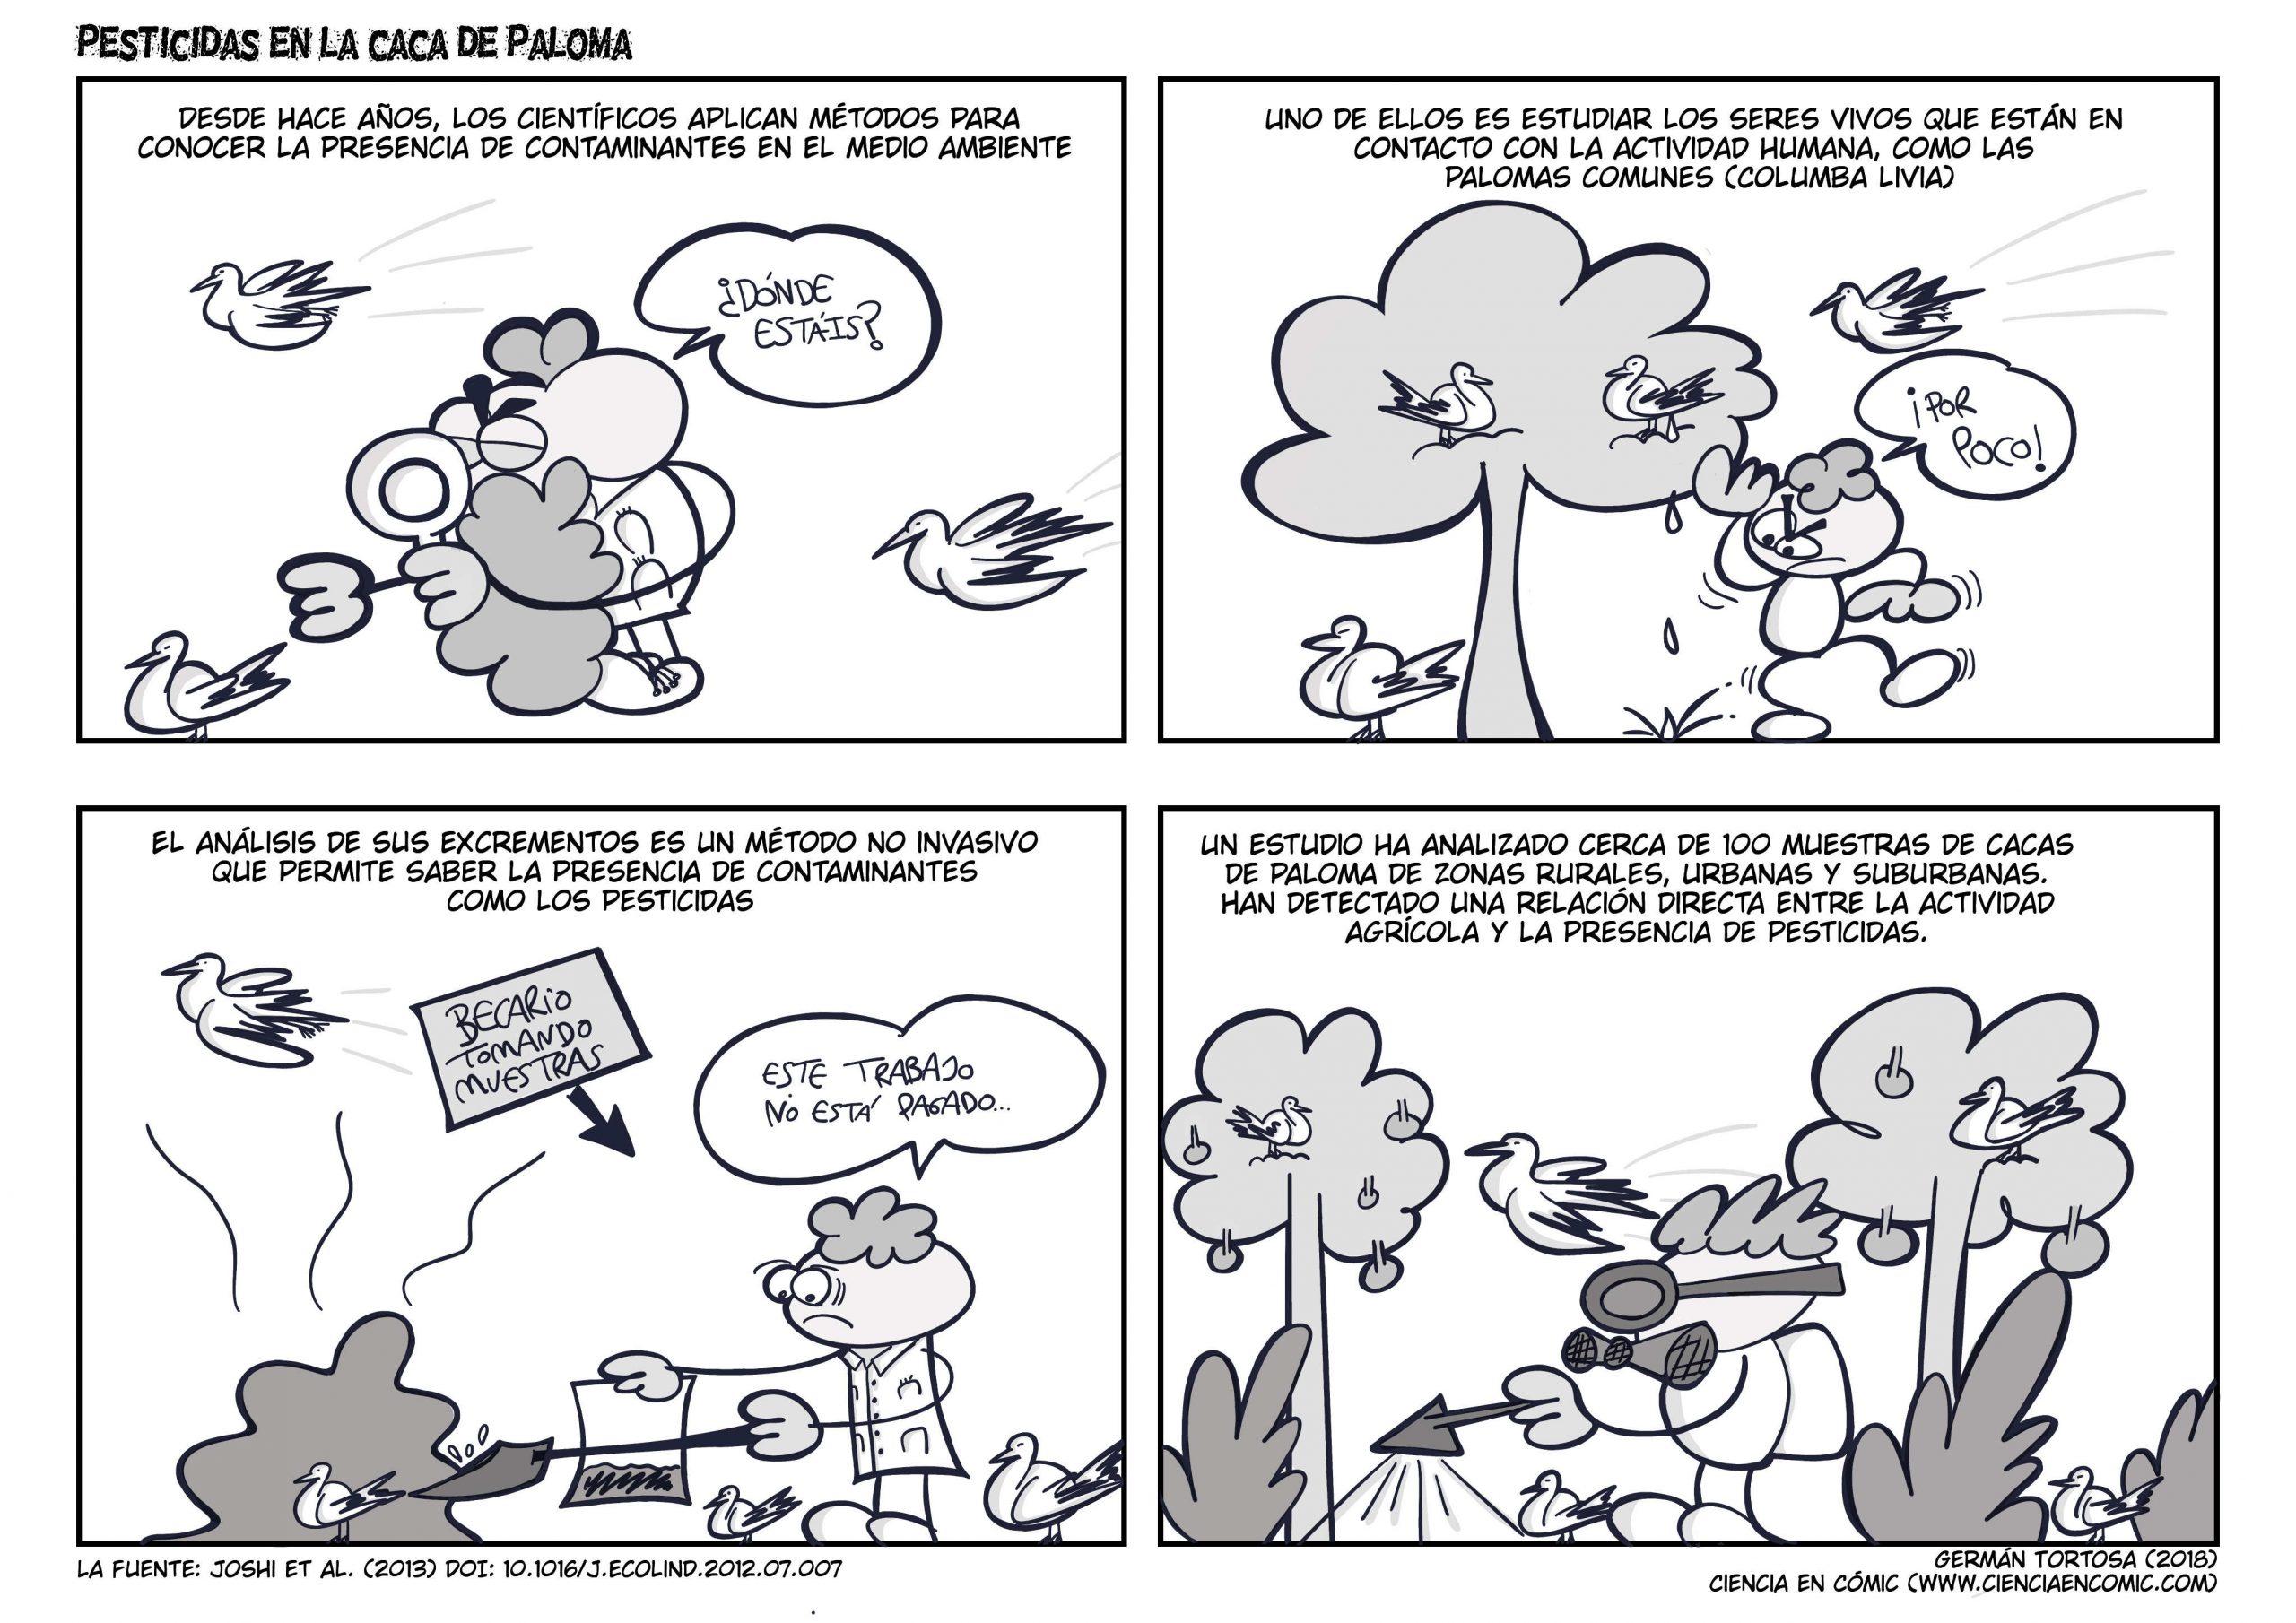 07) Divulgación: La caca de Paloma y la contaminación